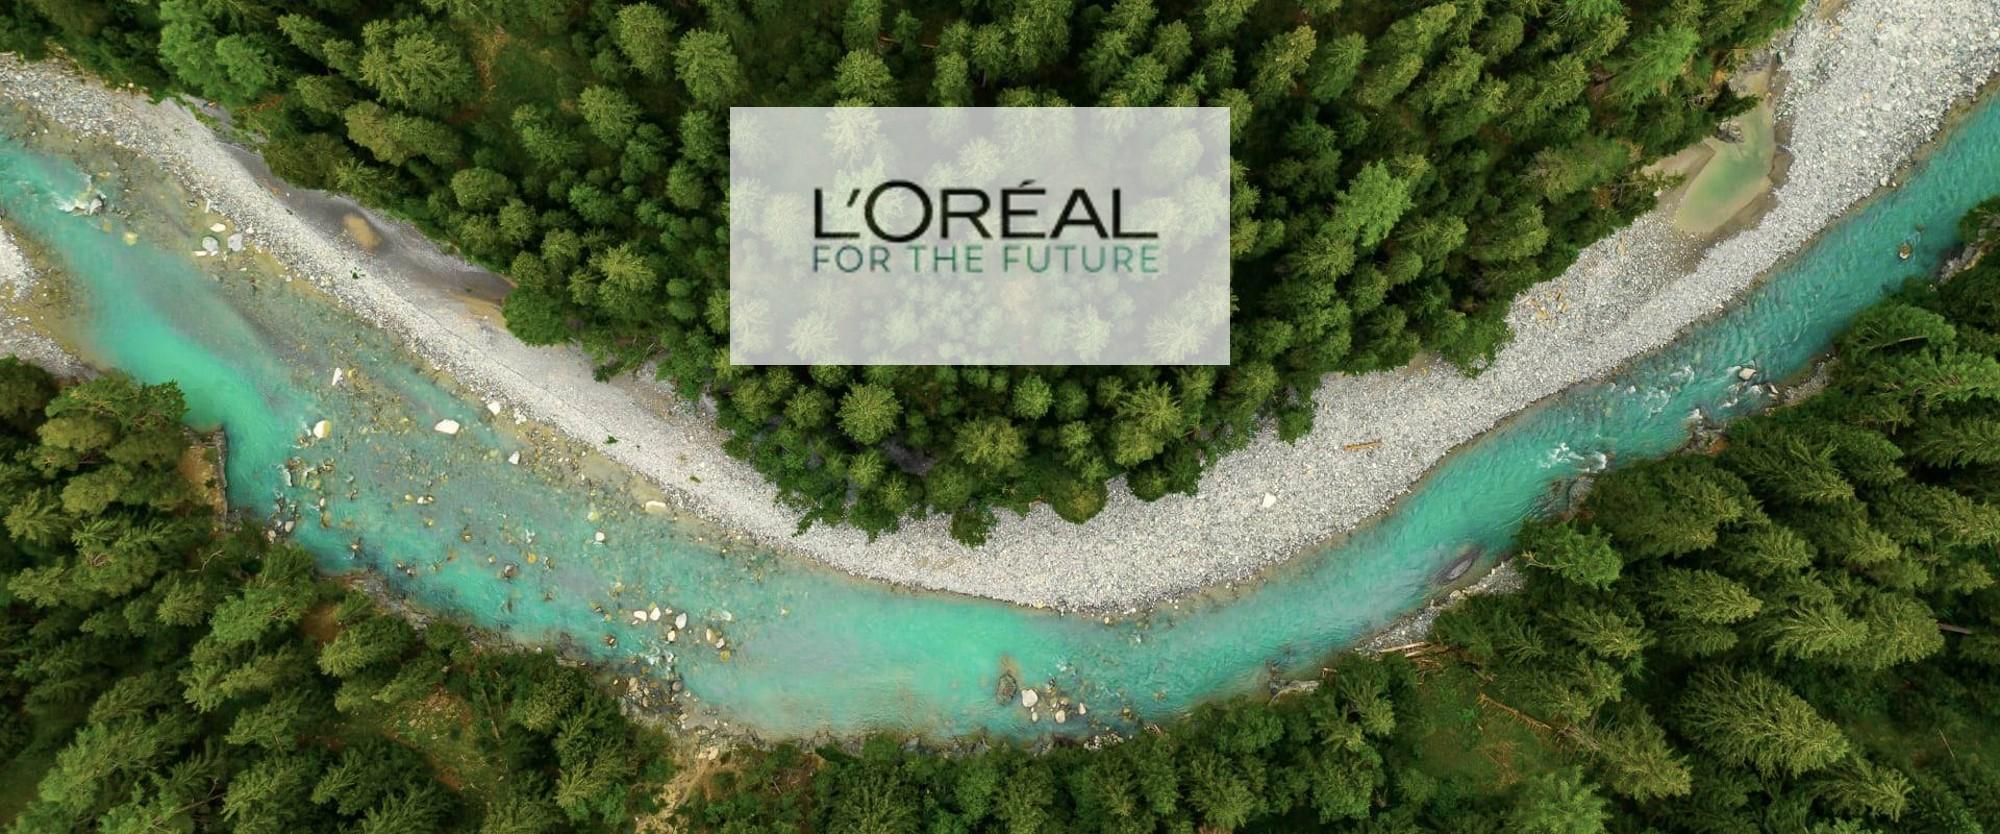 L'Oréal, empresa más comprometida frente la crisis climática en los Climate Leaders Awards